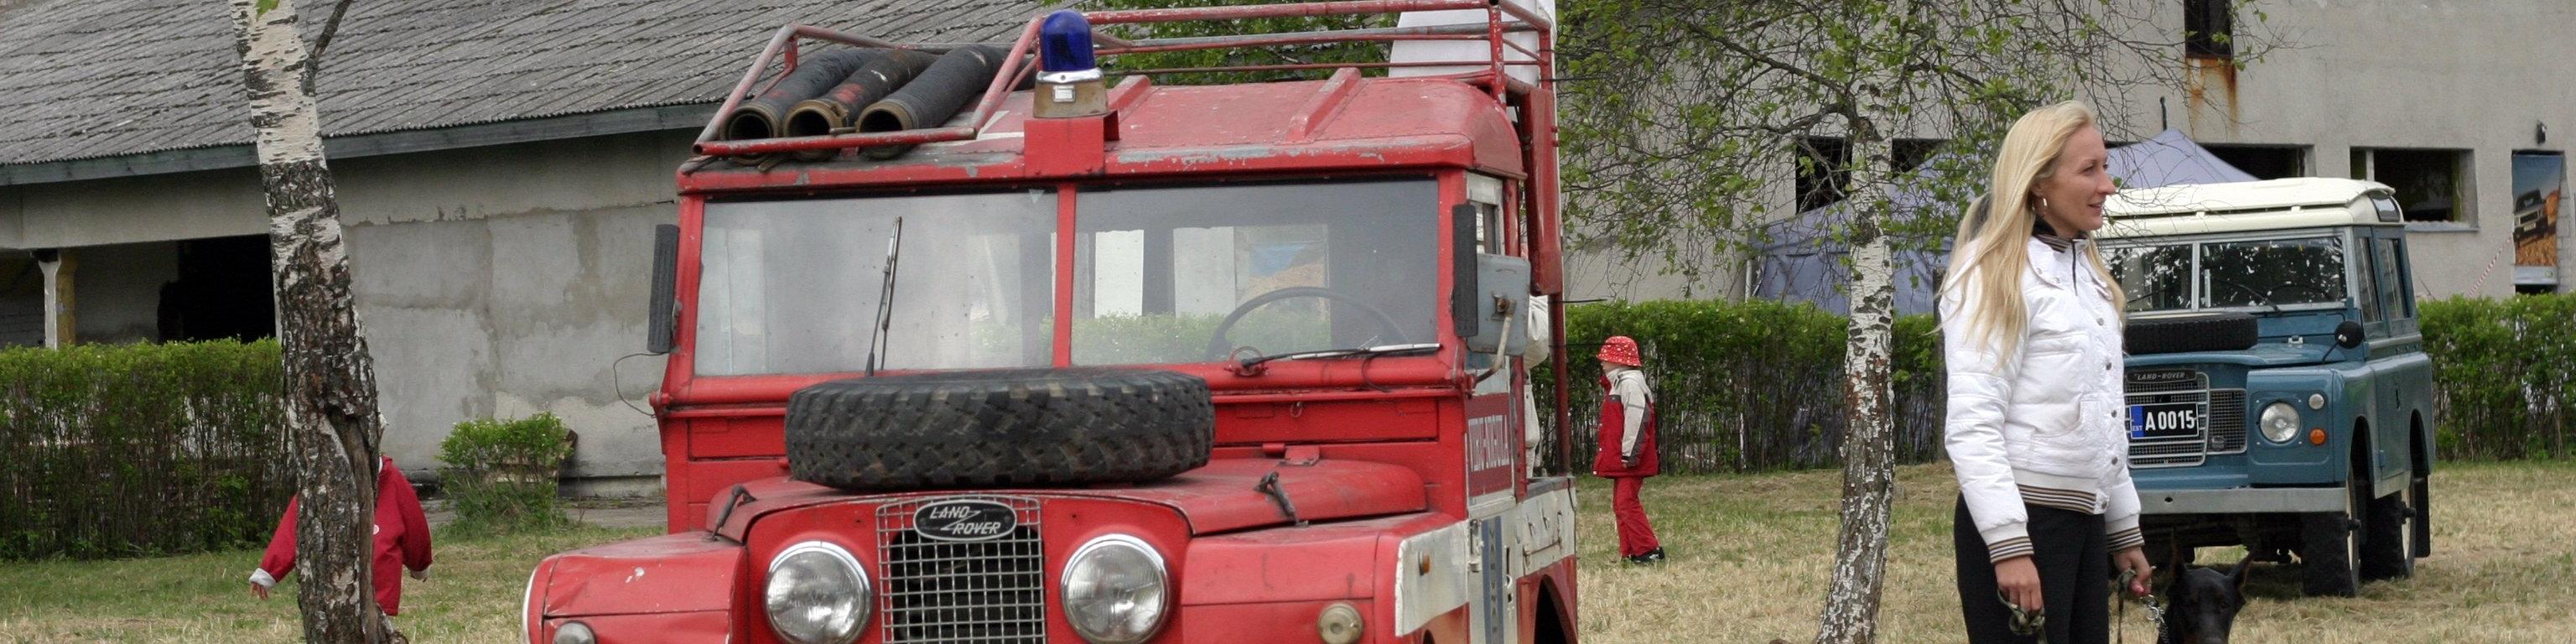 67df179860b Tuletõrjeauto taastamine - Eesti Land Roveri Klubi